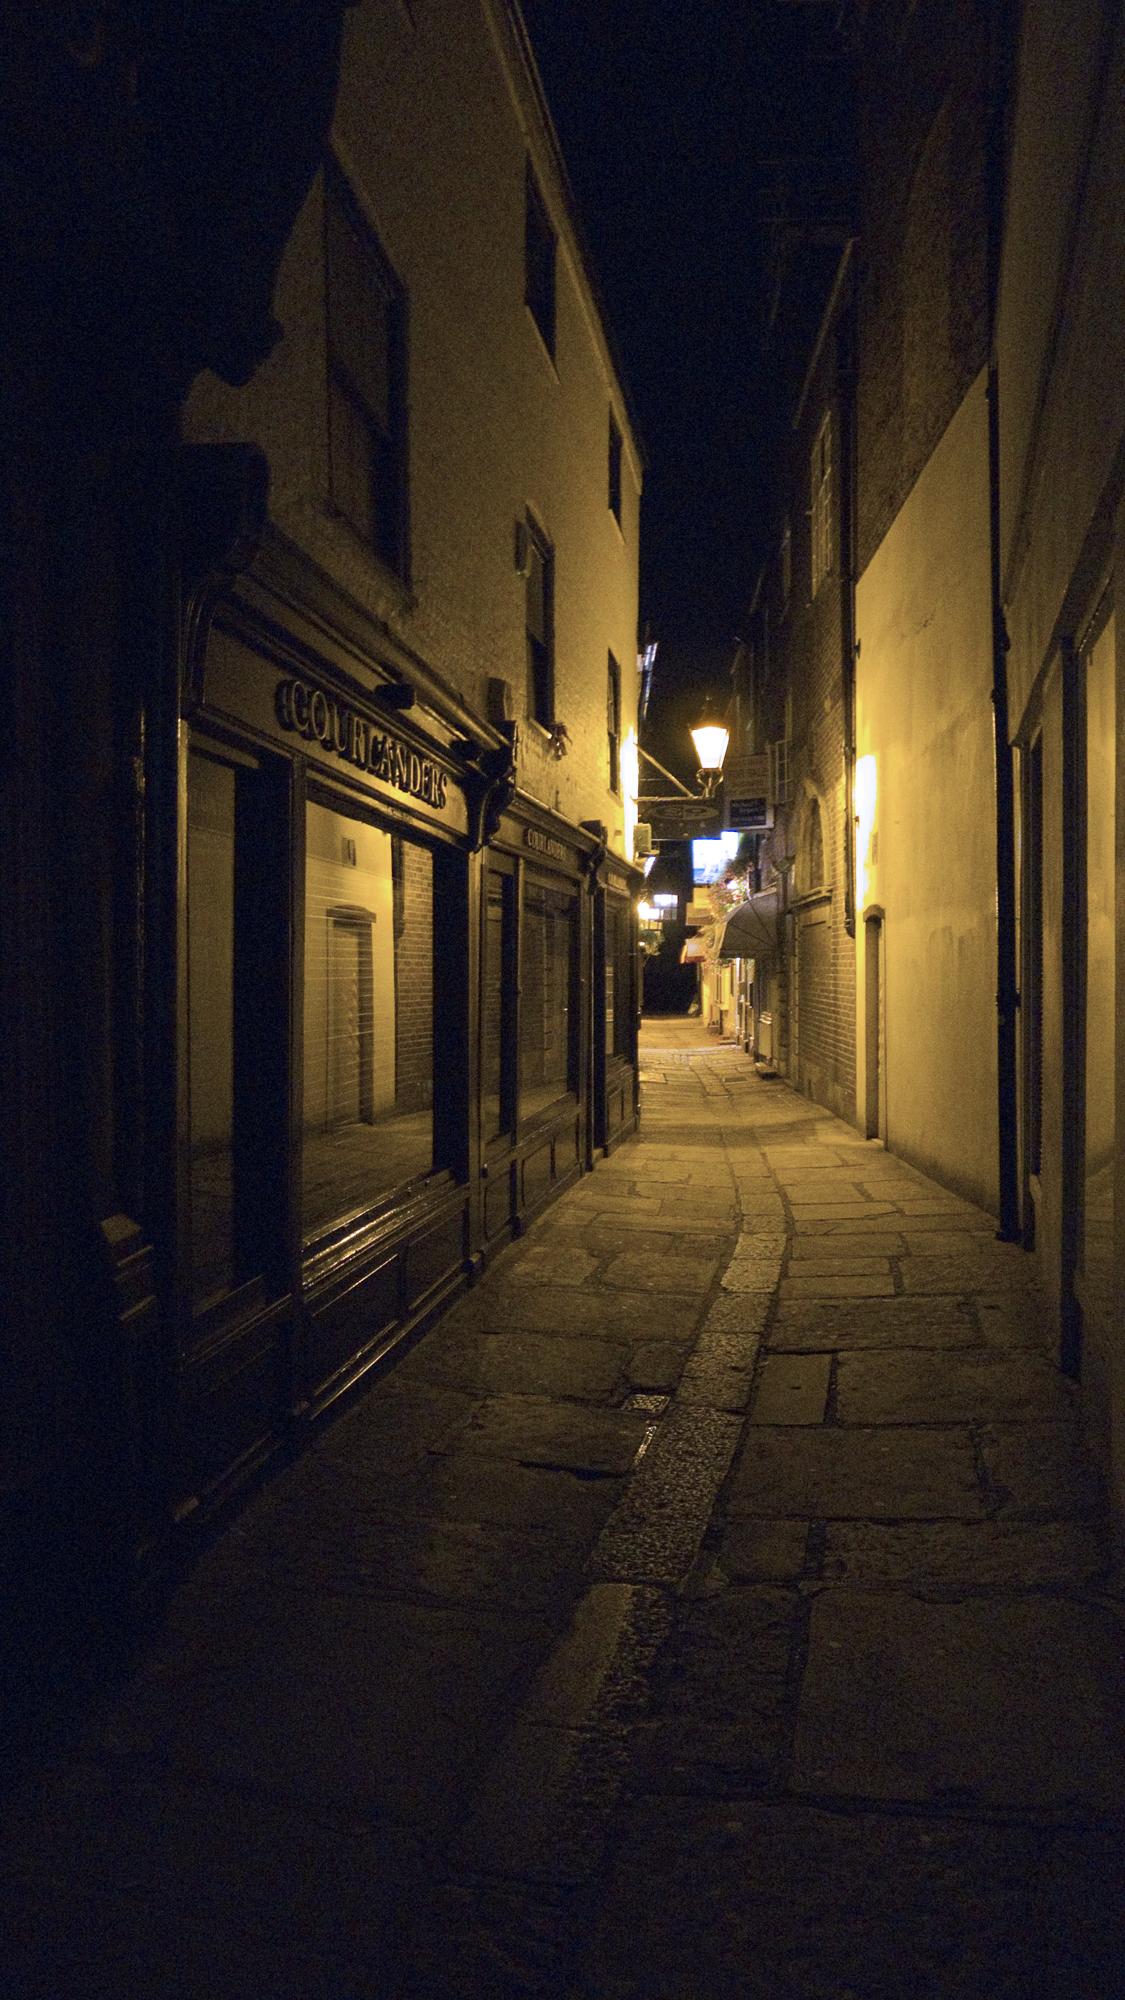 richmond_alley.jpg